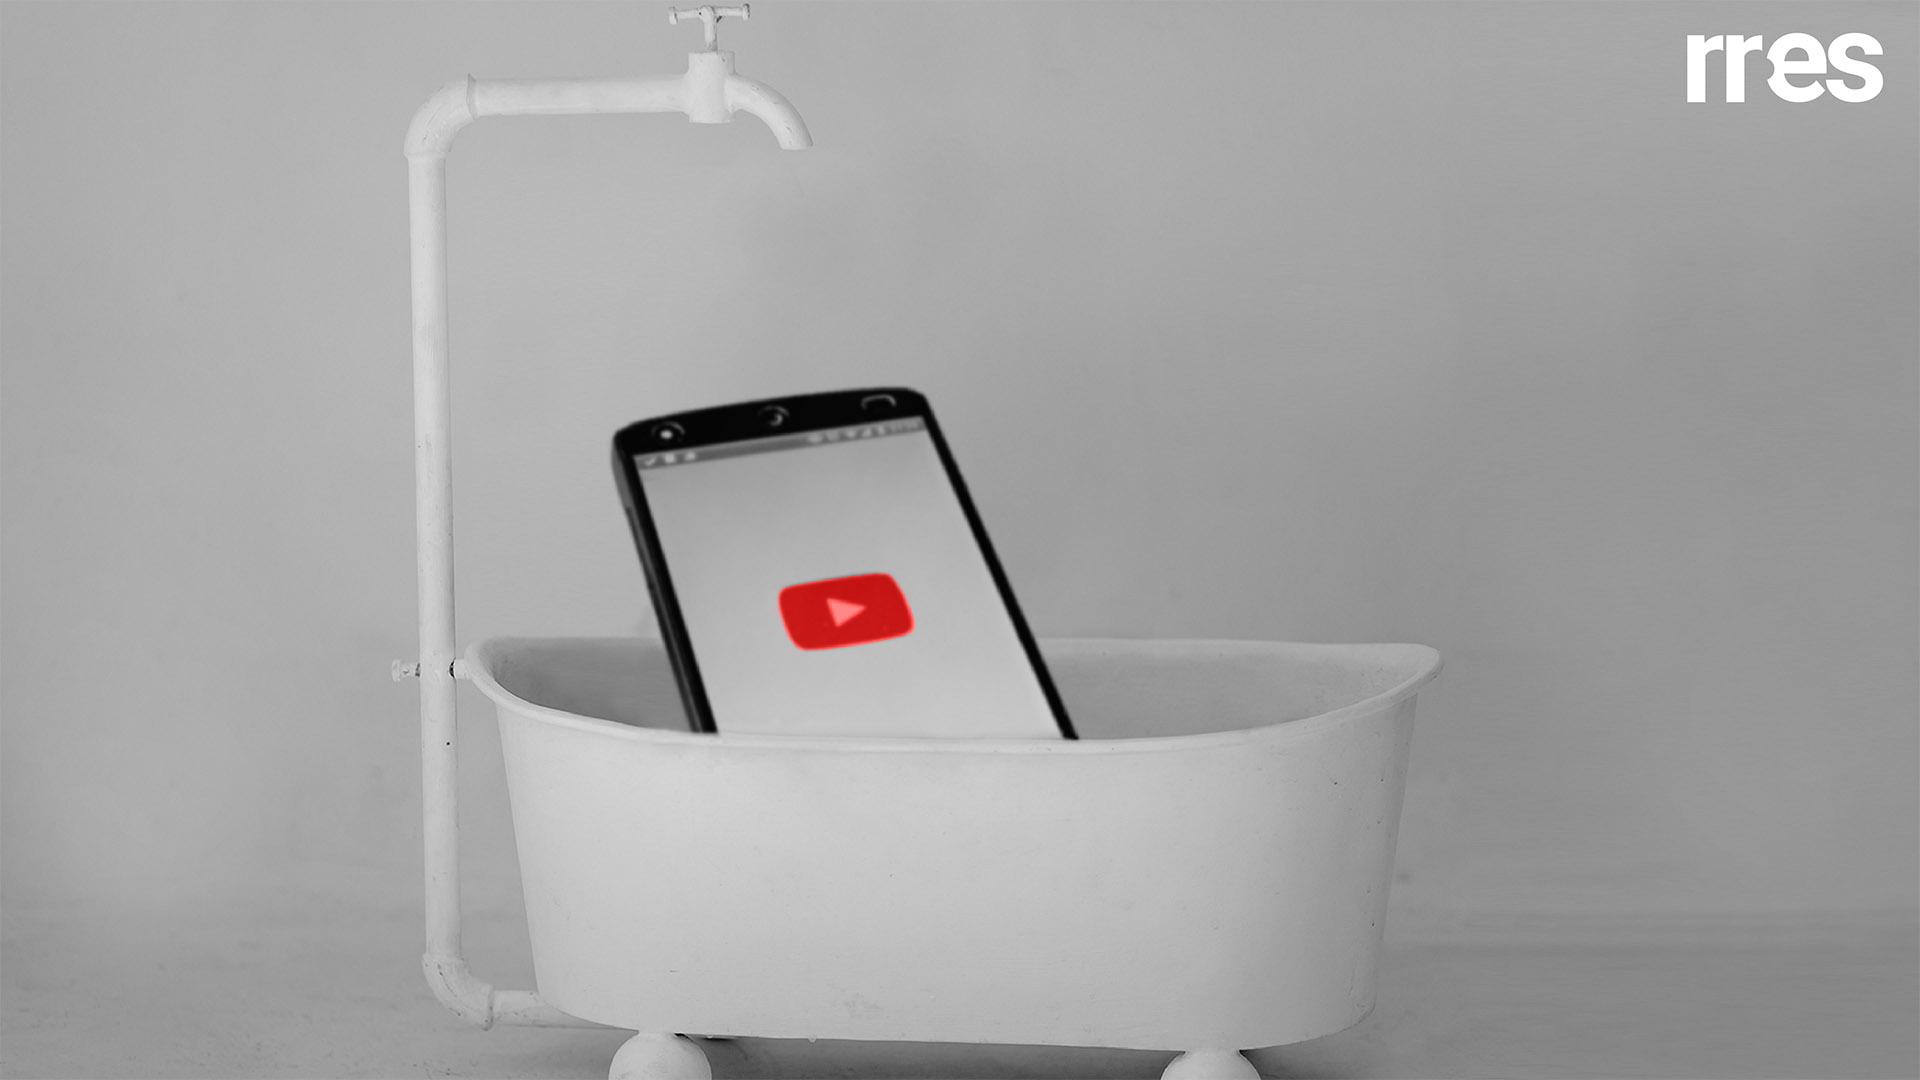 Ver Youtube bañándote, por Reuben Morales